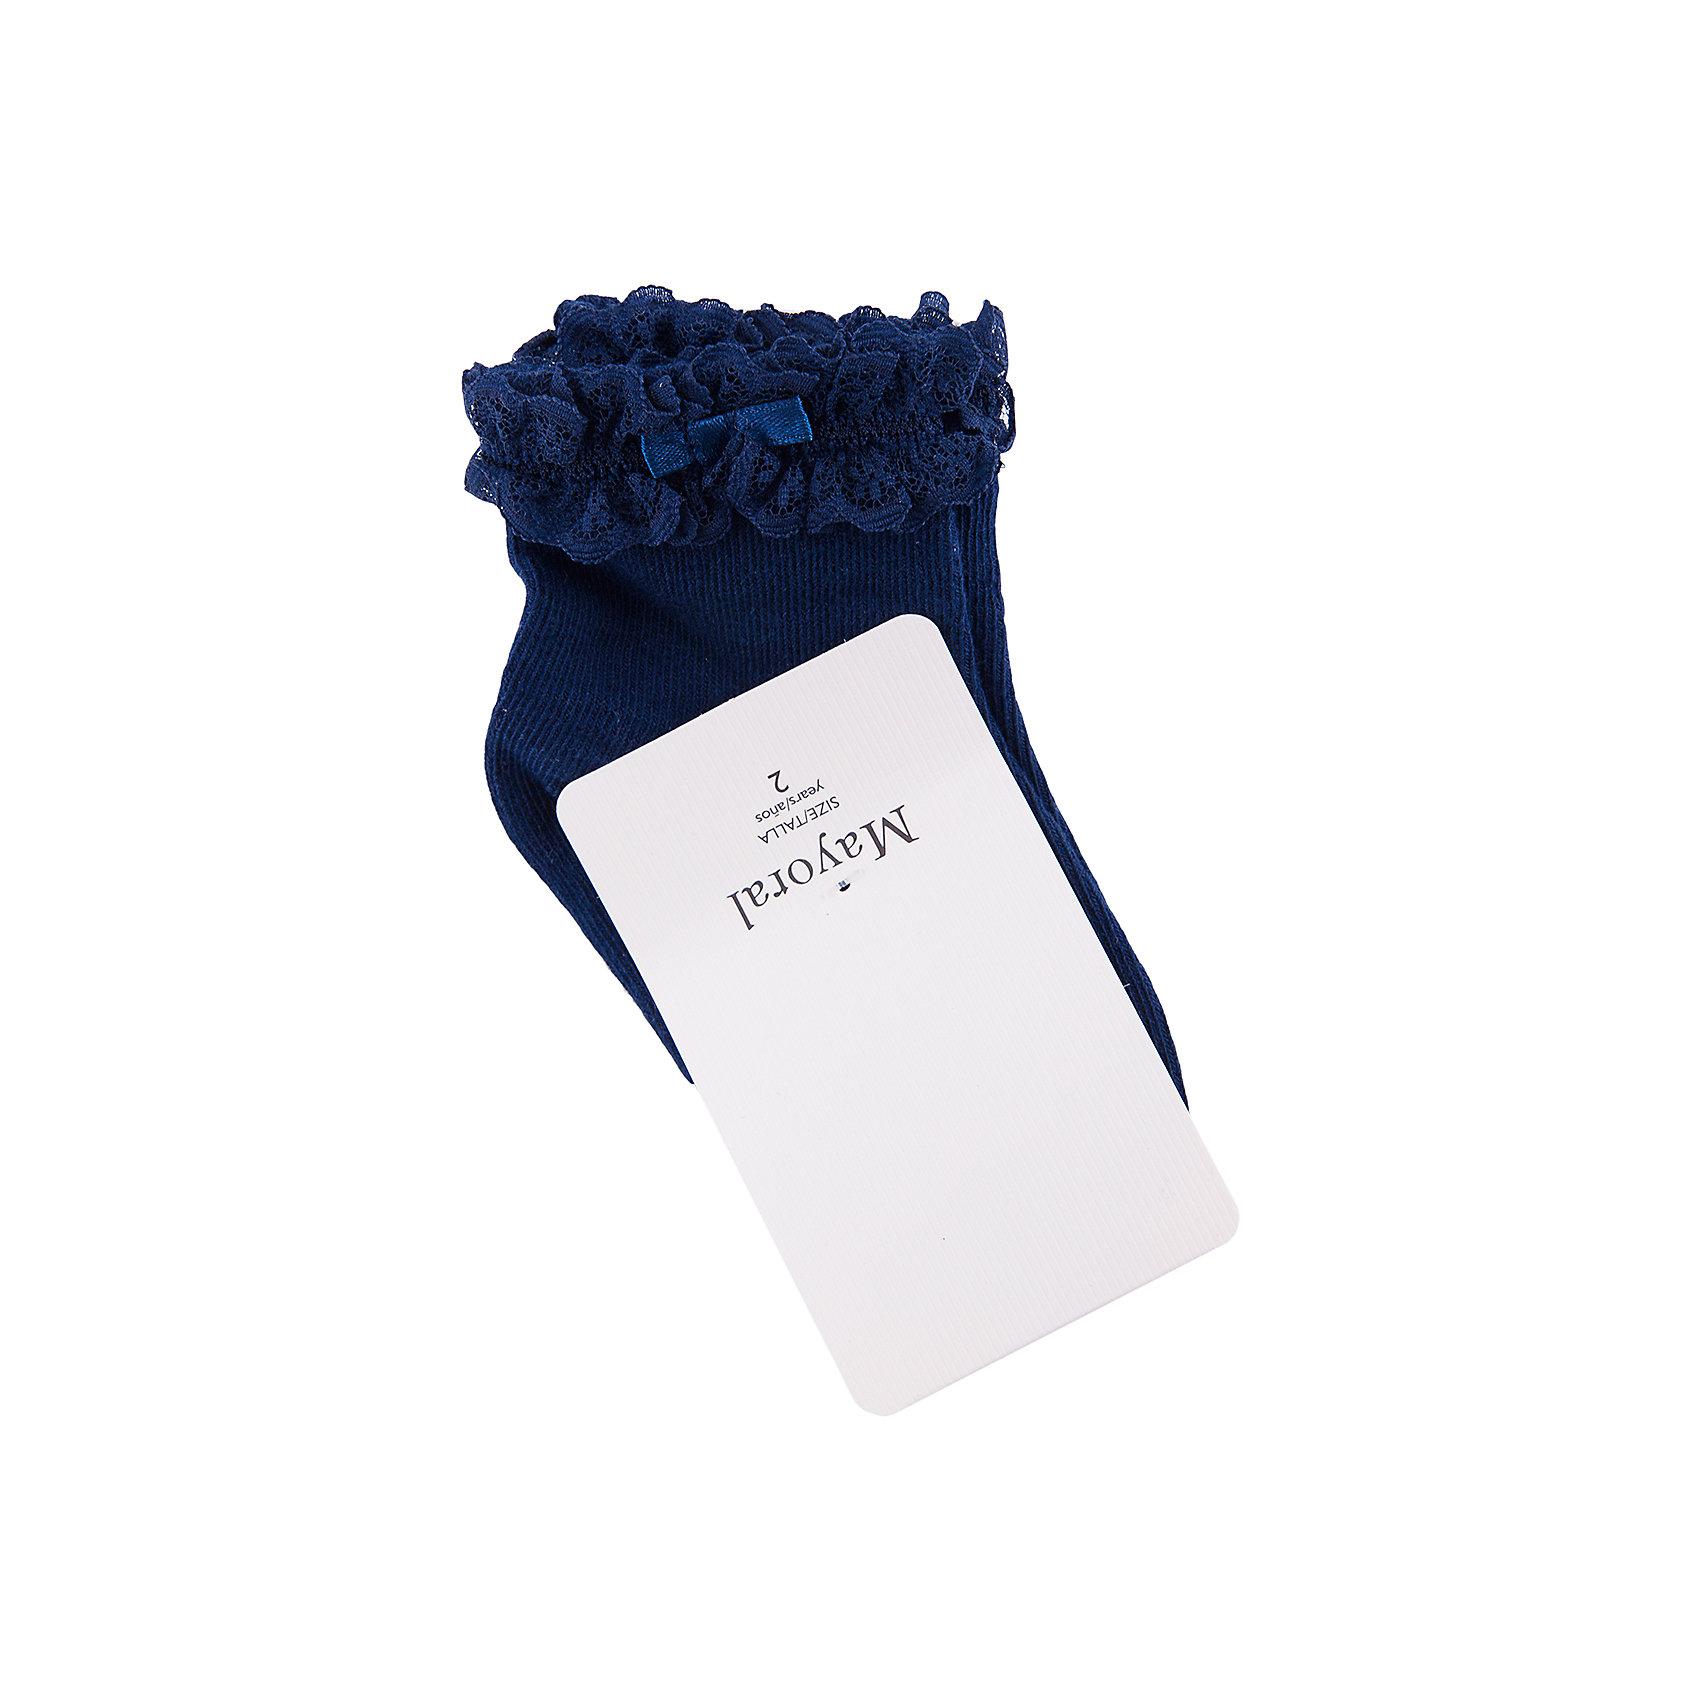 Носки для девочки, 2 пары MayoralНоски для девочки, 2 пары для девочки от известной марки Mayoral<br><br>Мягкие и удобные носки не просто помогут сохранить ноги ребенка в тепле, они сделают девочку более нарядной. Эта модель разработала специально для девочек, любящих платья и юбки - именно с женственными моделями такие носочки смотрятся особенно хорошо. Сделаны они из материала с высоким процентом содержания хлопка. Комфортно садятся по ноге и не натирают.<br><br>Особенности модели:<br><br>- цвет: белый, синий;<br>- эластичный материал;<br>- высокий процент содержания хлопка;<br>- декорирована кружевом;<br>- два разных цвета в наборе.<br><br>Дополнительная информация:<br><br>Состав: 72% хлопок, 25% полиамид, 3% эластан<br><br>Носки для девочки, 2 пары для девочки от Mayoral (Майорал) можно купить в нашем магазине.<br><br>Ширина мм: 162<br>Глубина мм: 171<br>Высота мм: 55<br>Вес г: 119<br>Цвет: синий<br>Возраст от месяцев: 36<br>Возраст до месяцев: 48<br>Пол: Женский<br>Возраст: Детский<br>Размер: 4,6,2,8<br>SKU: 4563651